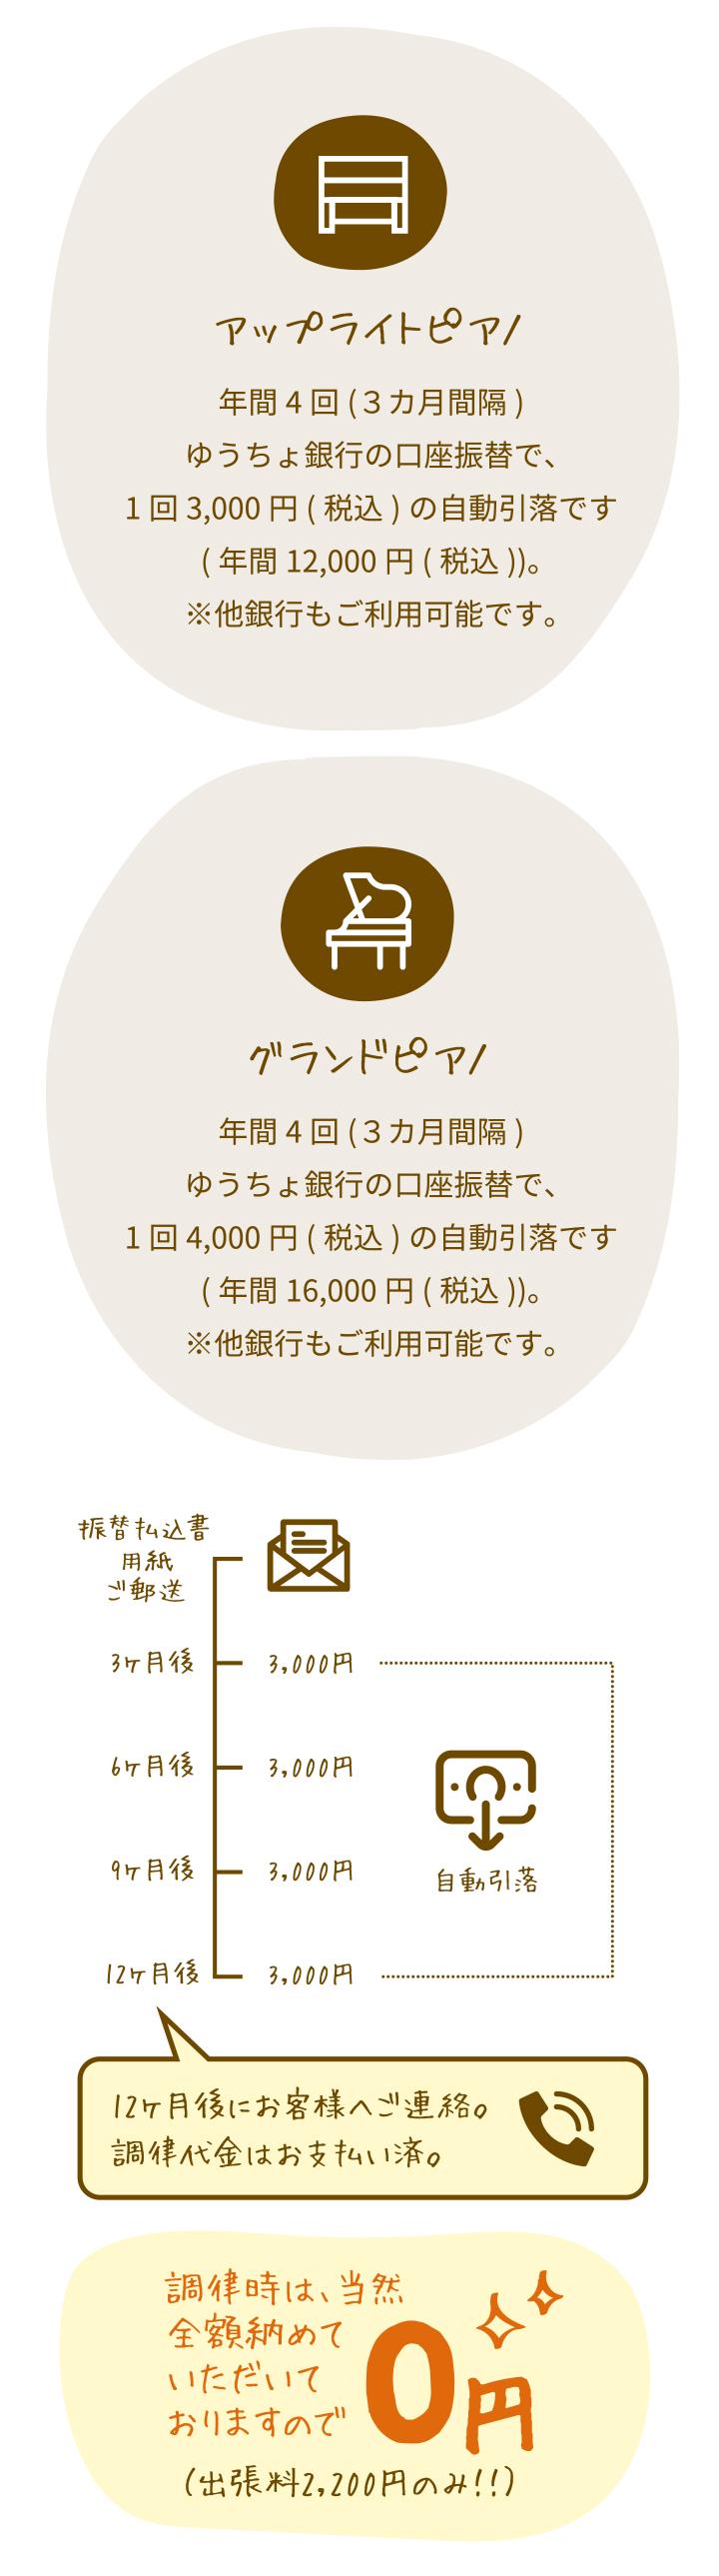 調律時は、当然全額納めていただいておりますので0円!(出張料2,200円のみ)